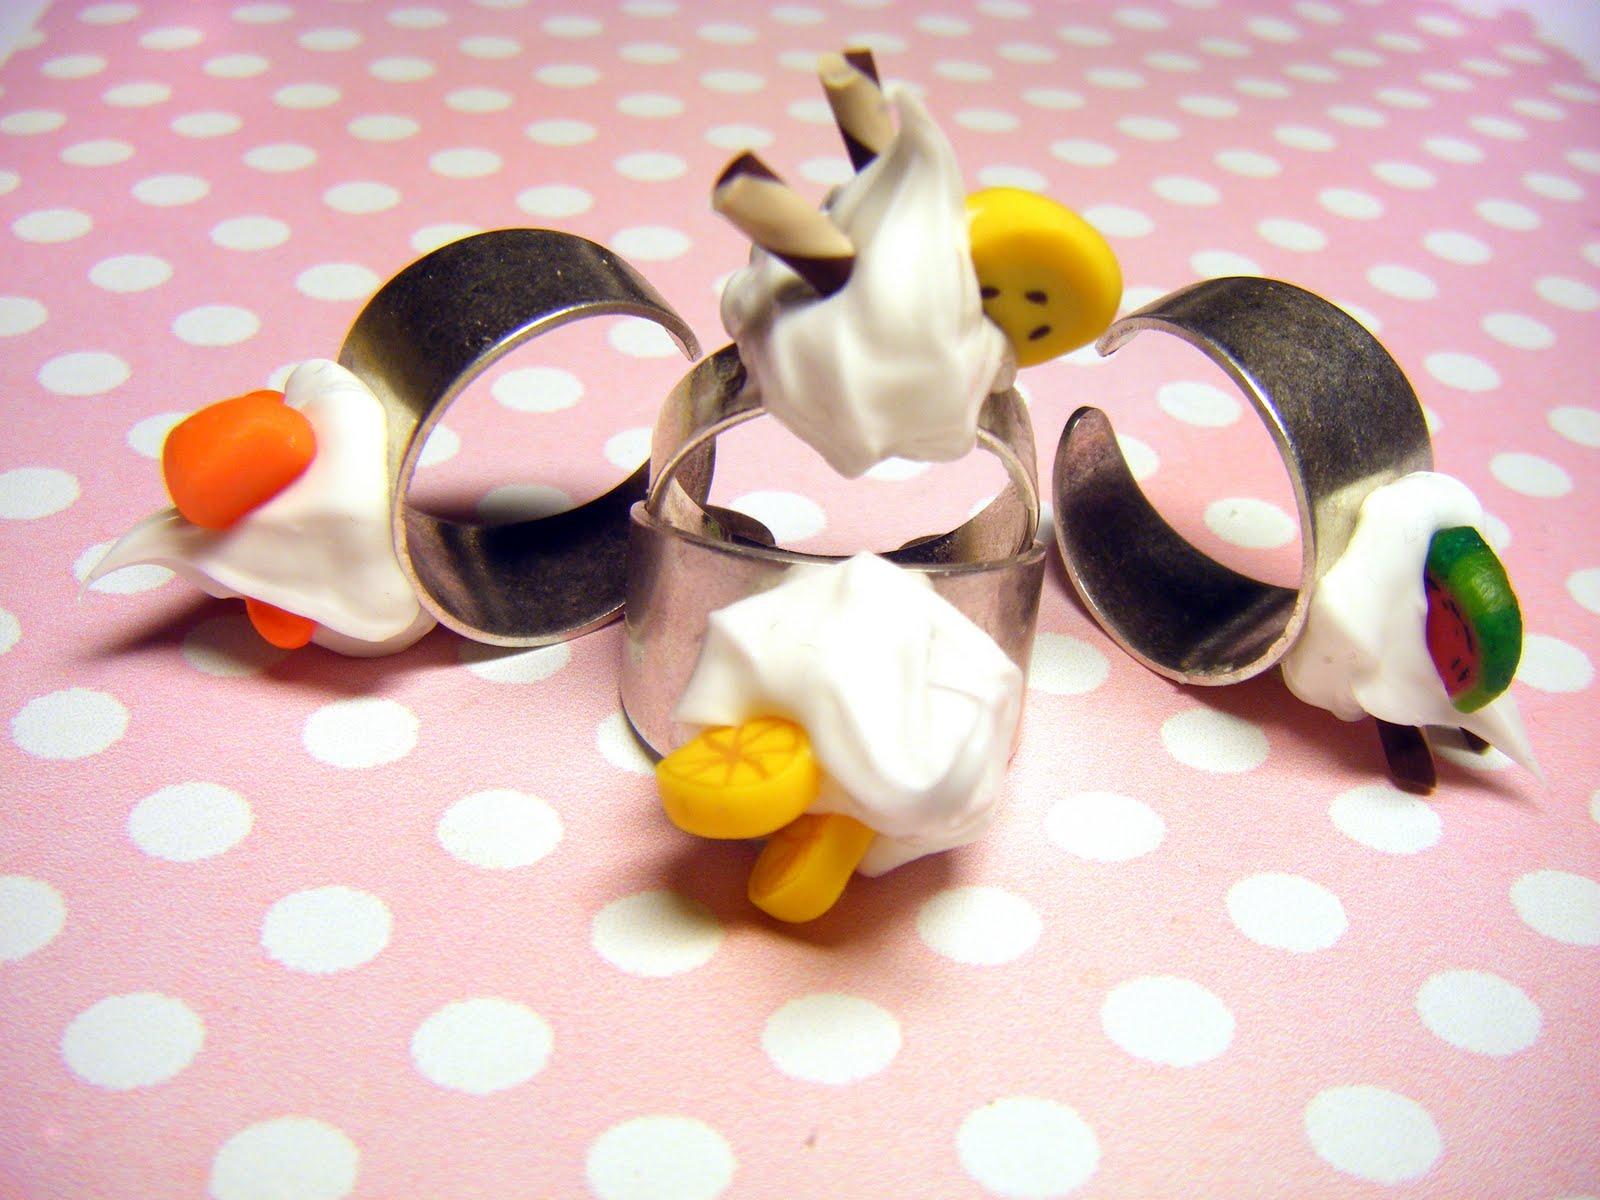 http://1.bp.blogspot.com/_pcI8E6ljD8M/TBZ8ZPJoB-I/AAAAAAAAASU/tmVmJH-hsN4/s1600/Whipped+Cream+Rings.jpg